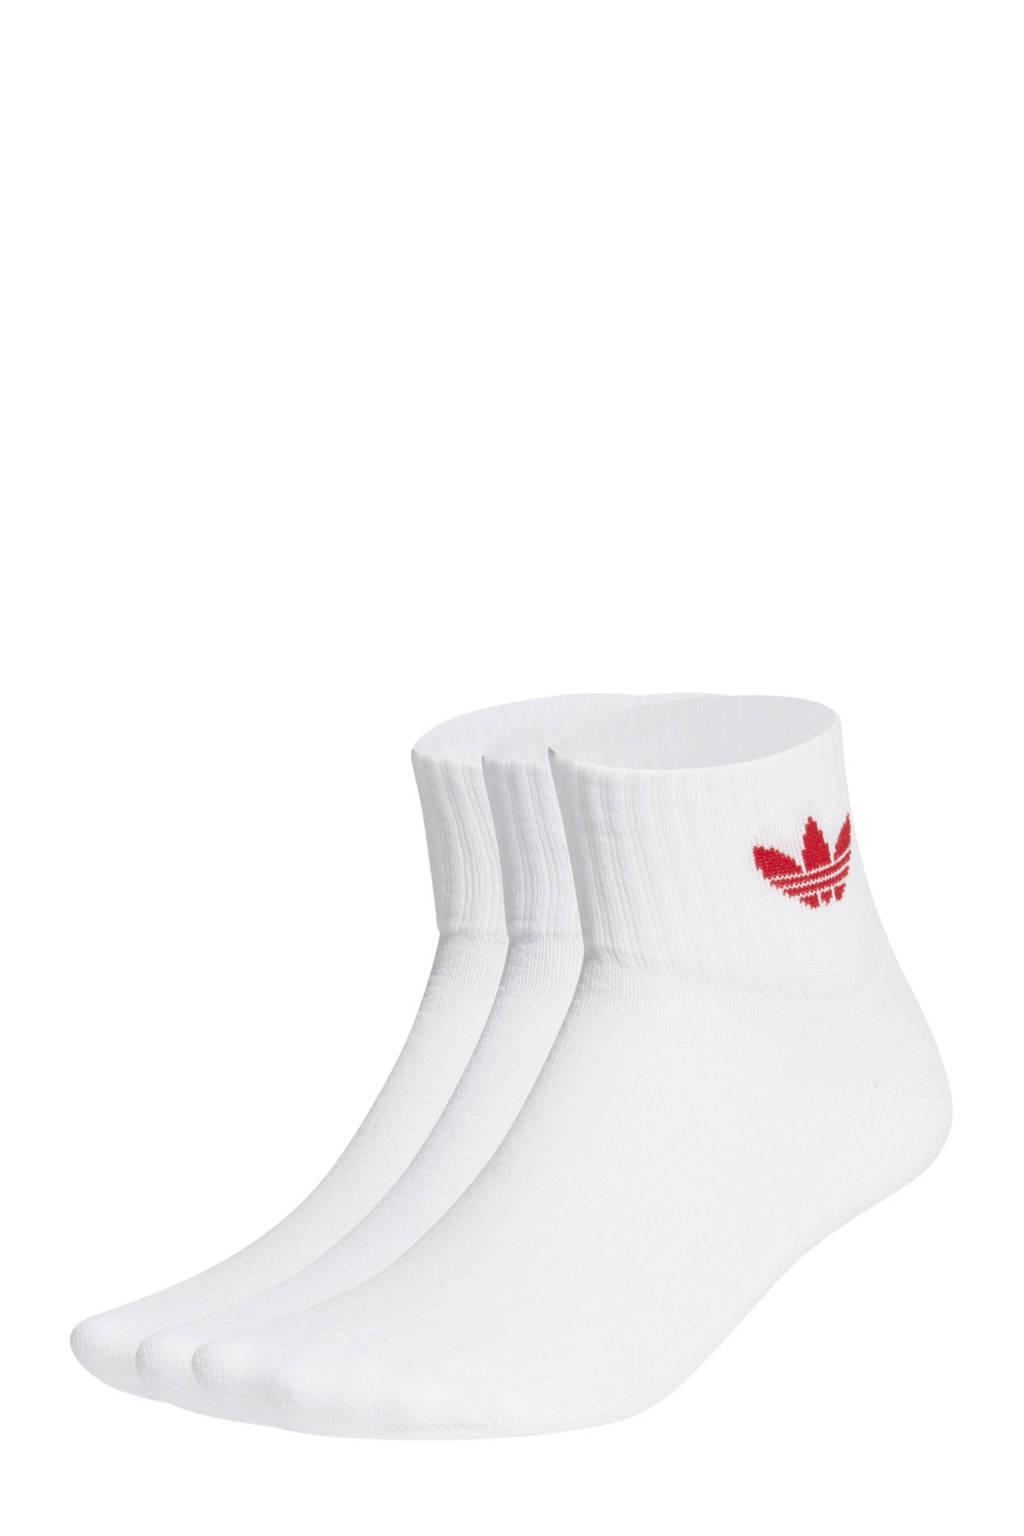 adidas Originals Adicolor sokken set van 3 wit, Wit/rood